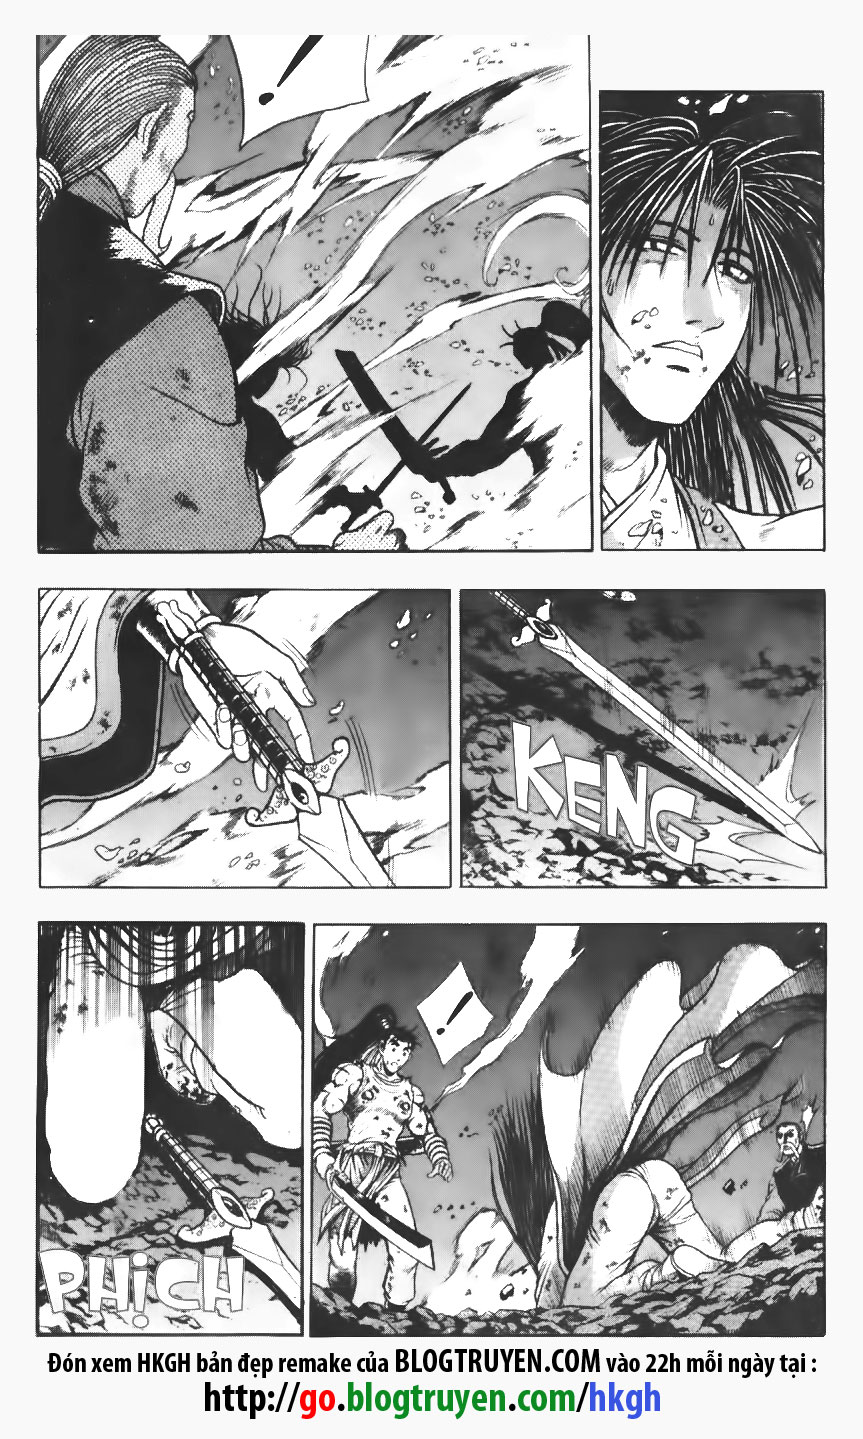 xem truyen moi - Hiệp Khách Giang Hồ Vol17 - Chap 111 - Remake